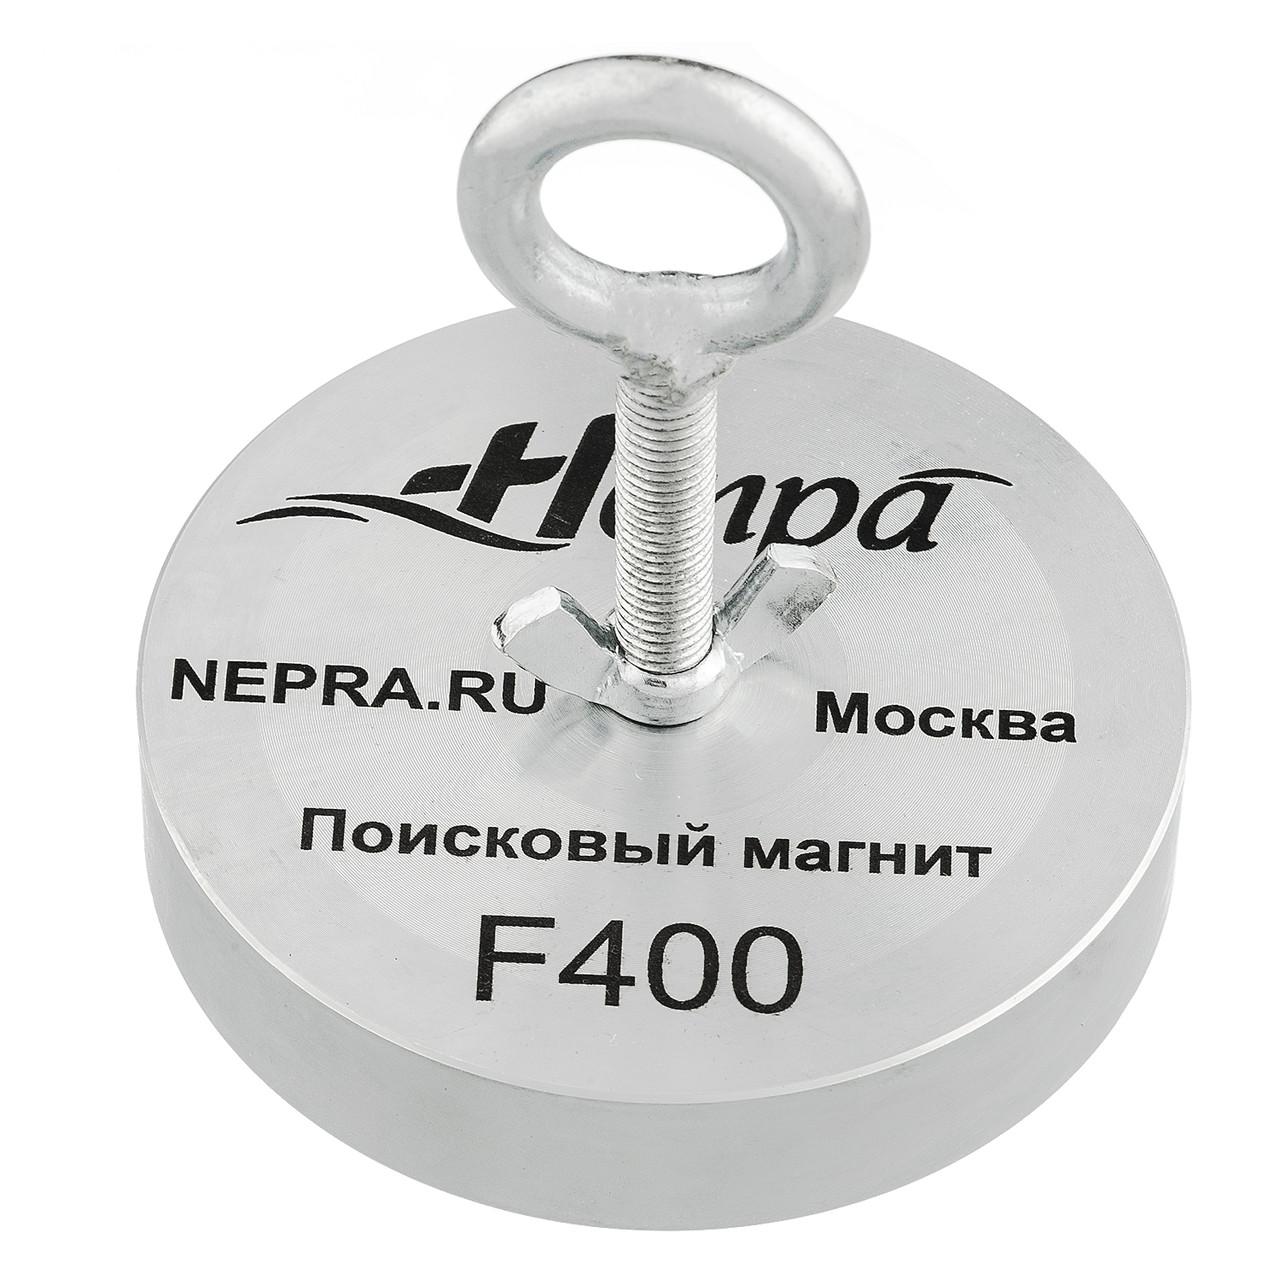 Поисковый магнит Непра F400 кг Односторонний неодимовый